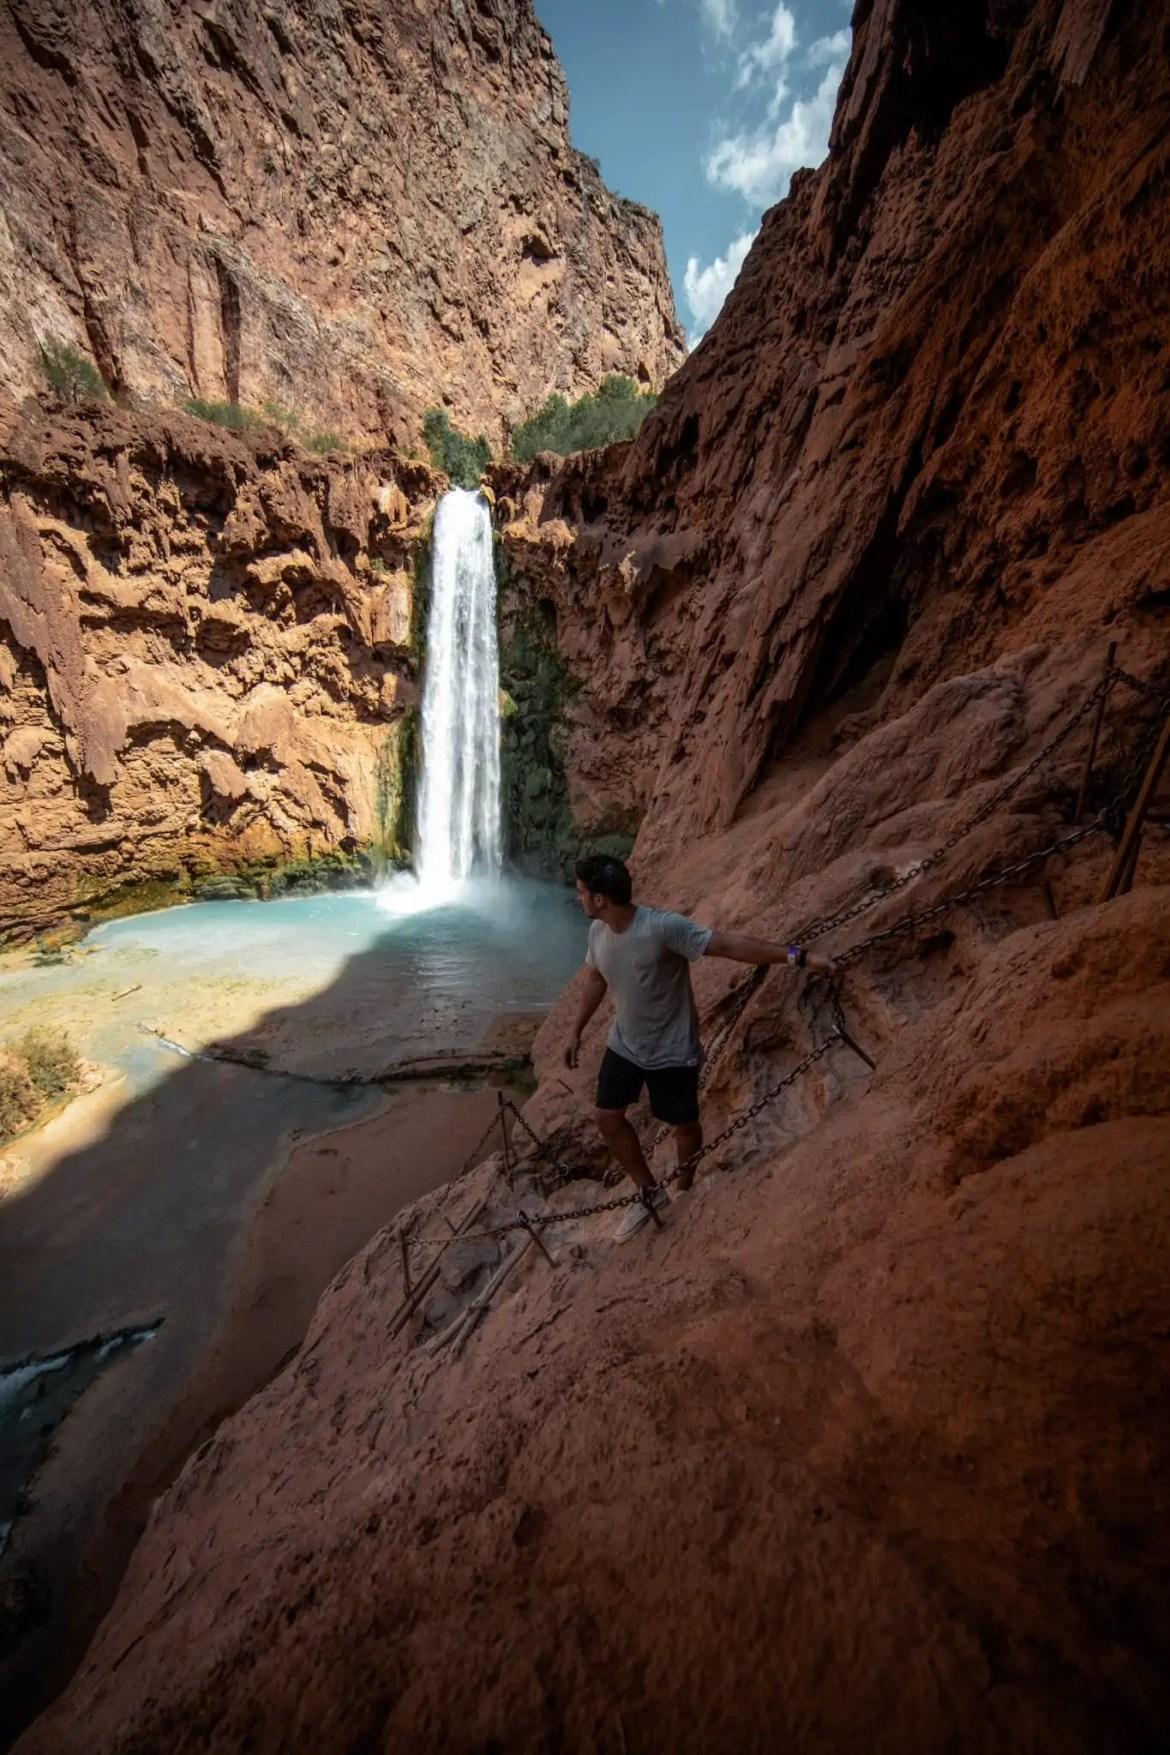 Mooiste watervallen van de wereld logan-lambert-snw_B8EK2jQ-unsplash